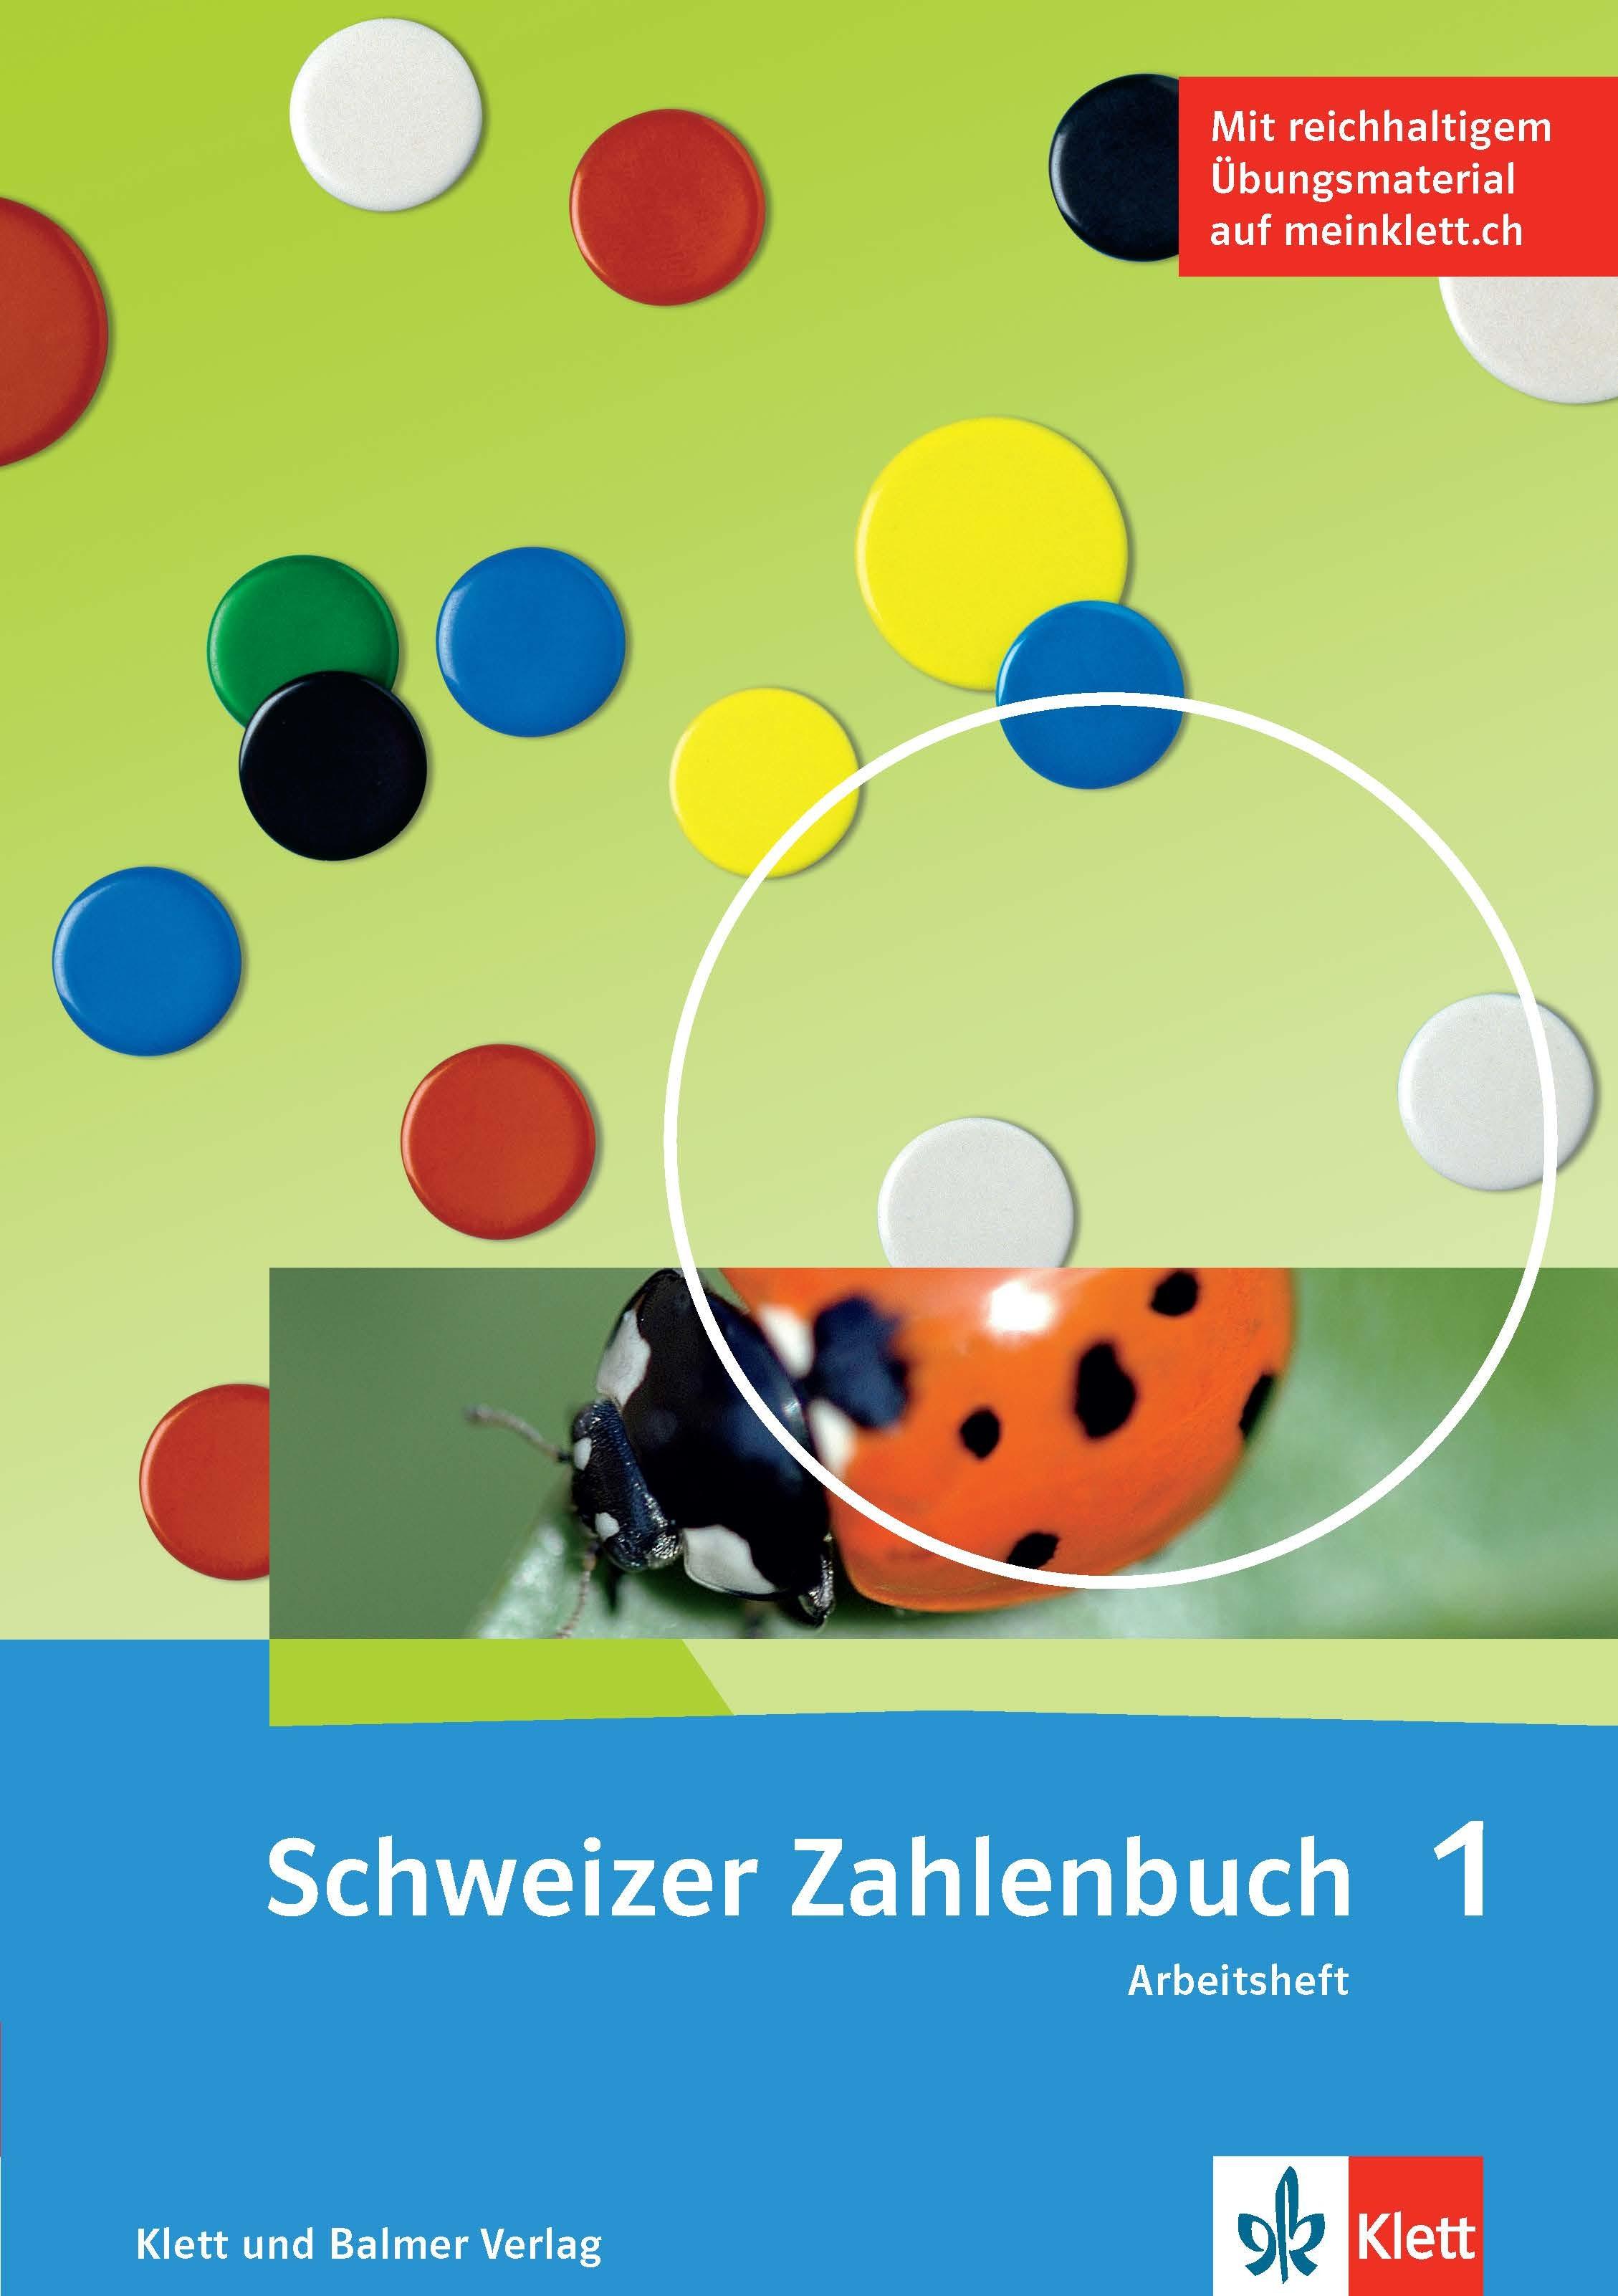 978 3 264 84701 7 Schweizer Zahlenbuch 1 Ausgabe ab 2017 Arbeitsheft klett und balmer